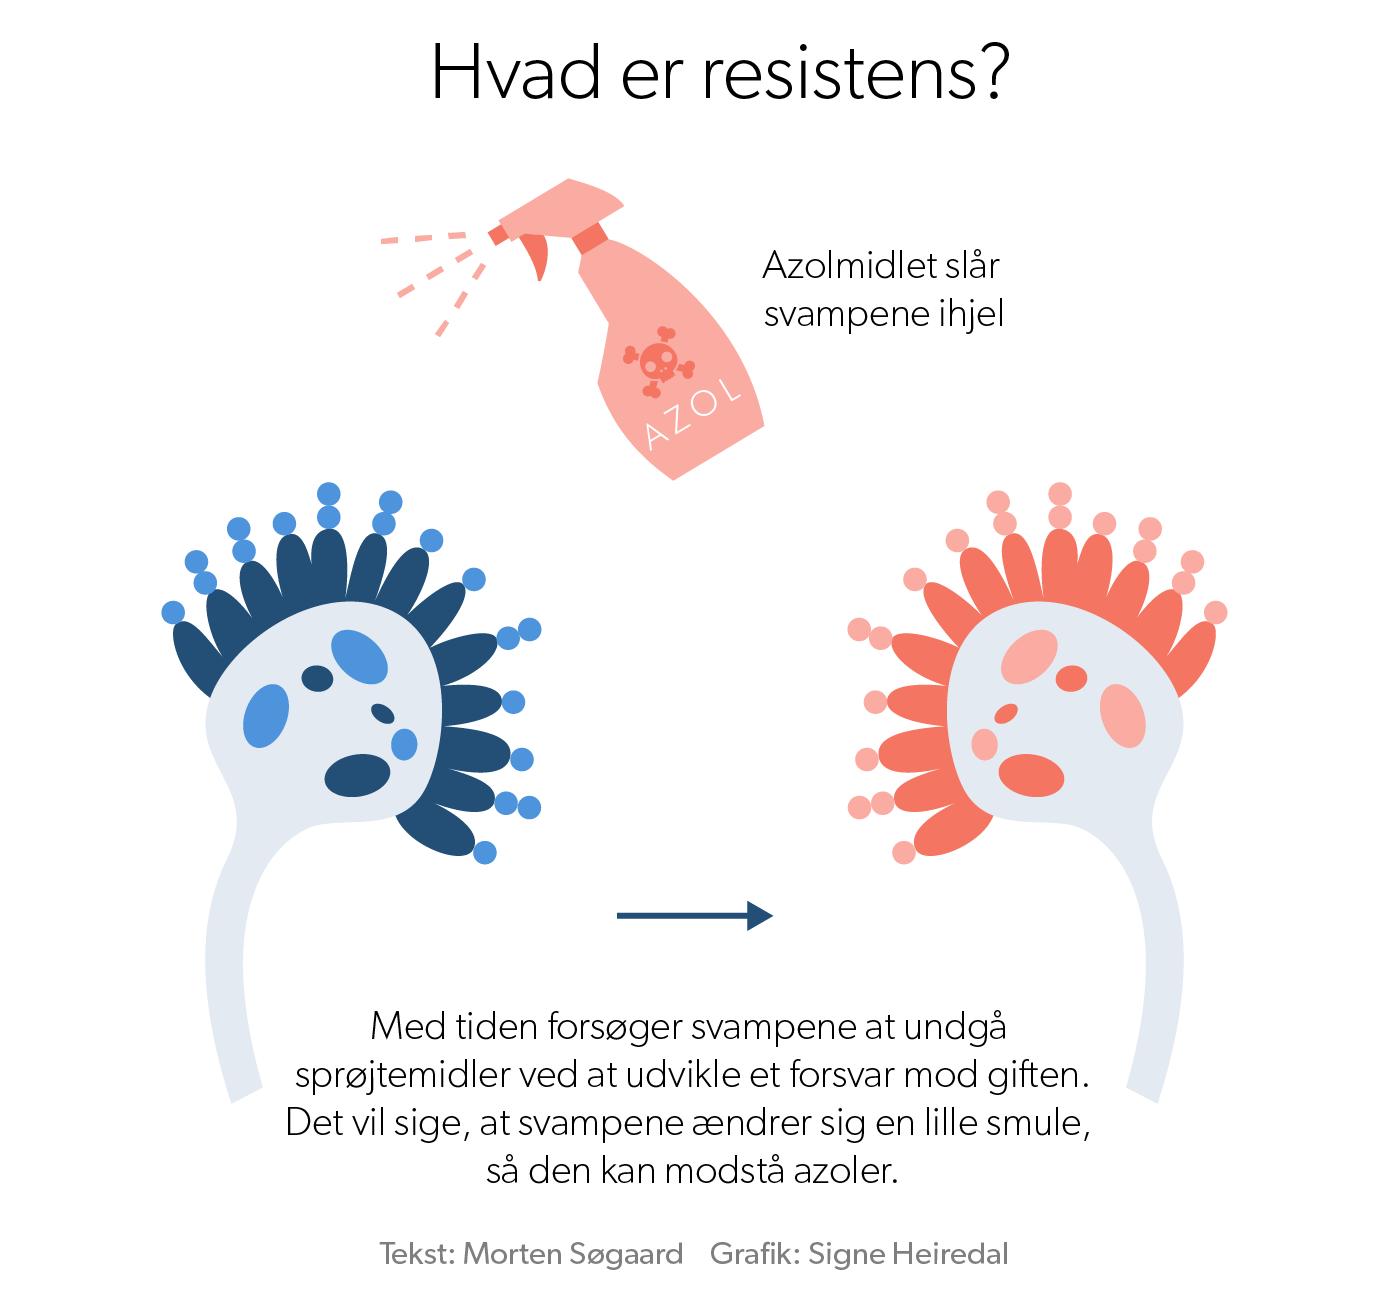 hvad_er_resistens_1.png